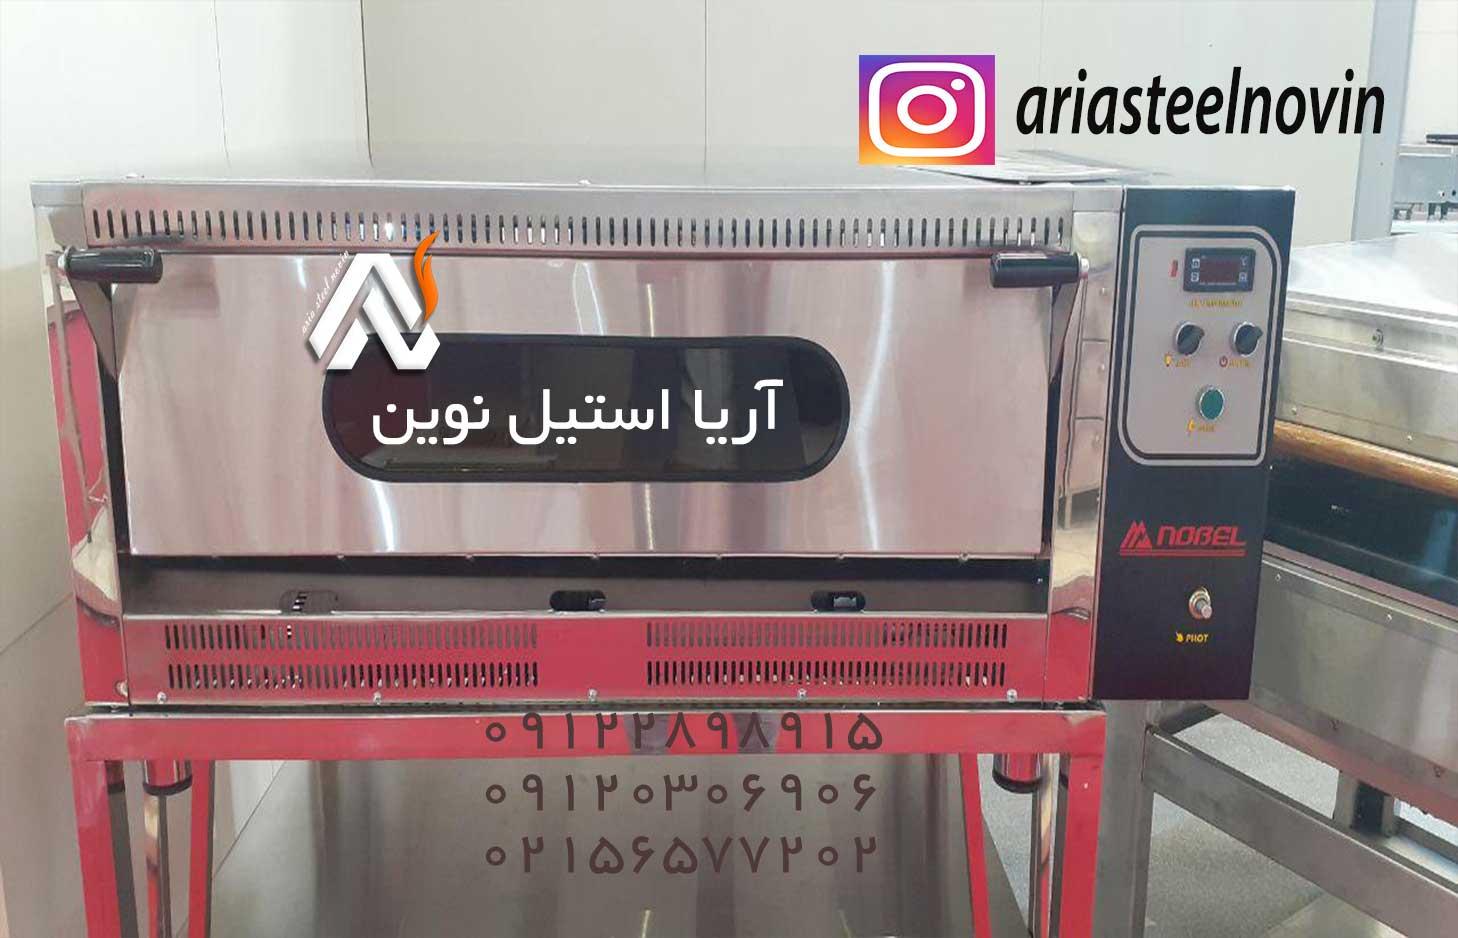 قیمت-فر-پیتزا-ایتالیایی | تجهیزات آشپزخانه صنعتی | تجهیزات فست فود